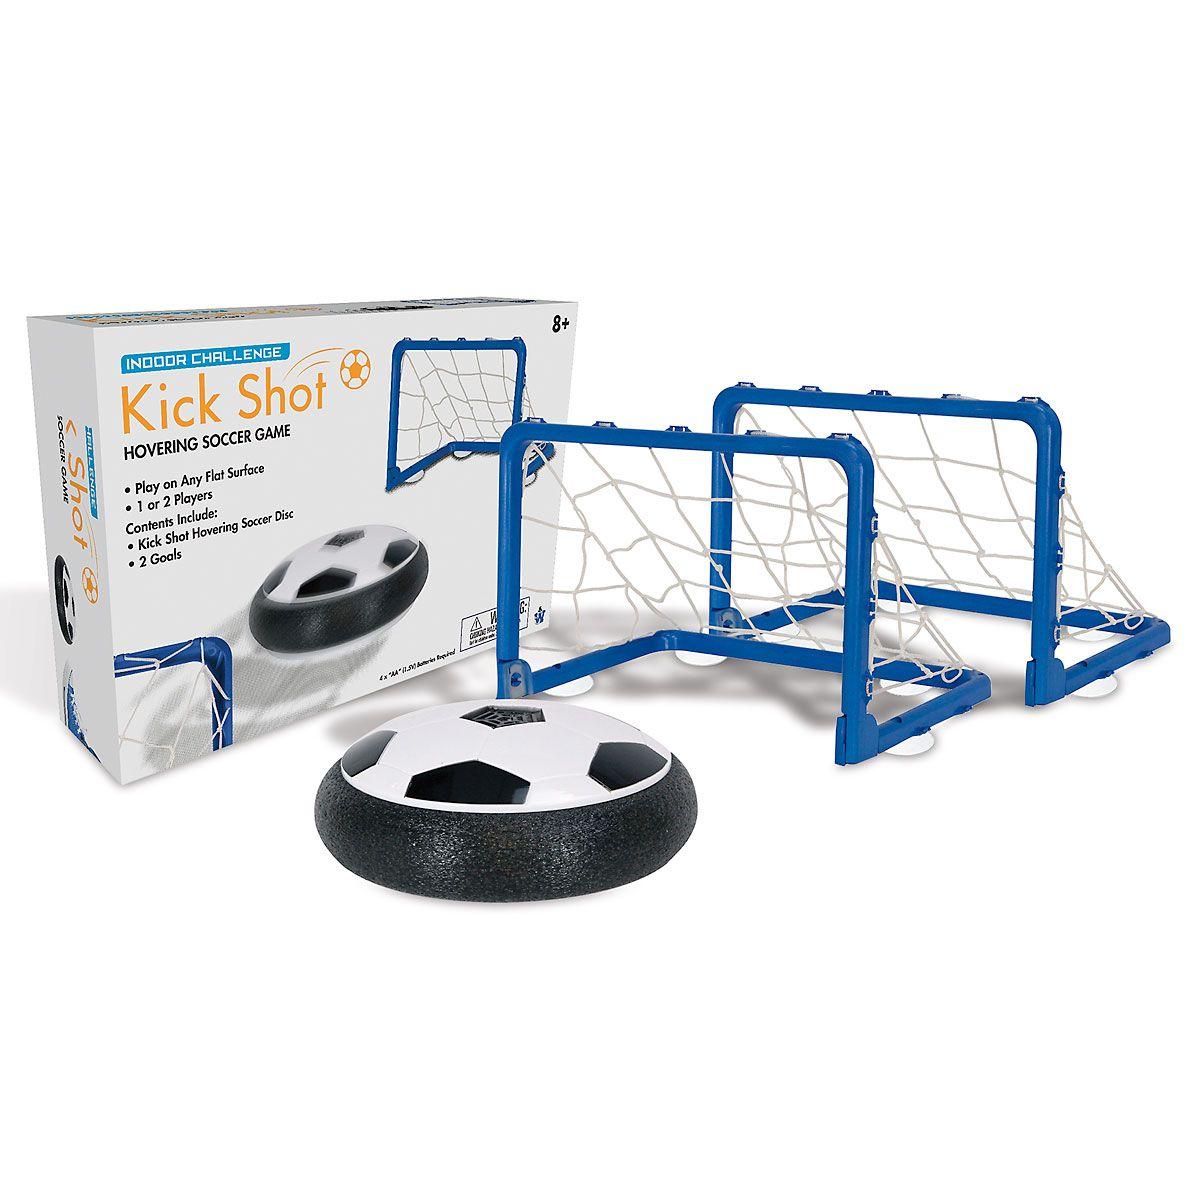 Kick Shot Hovering Soccer Game